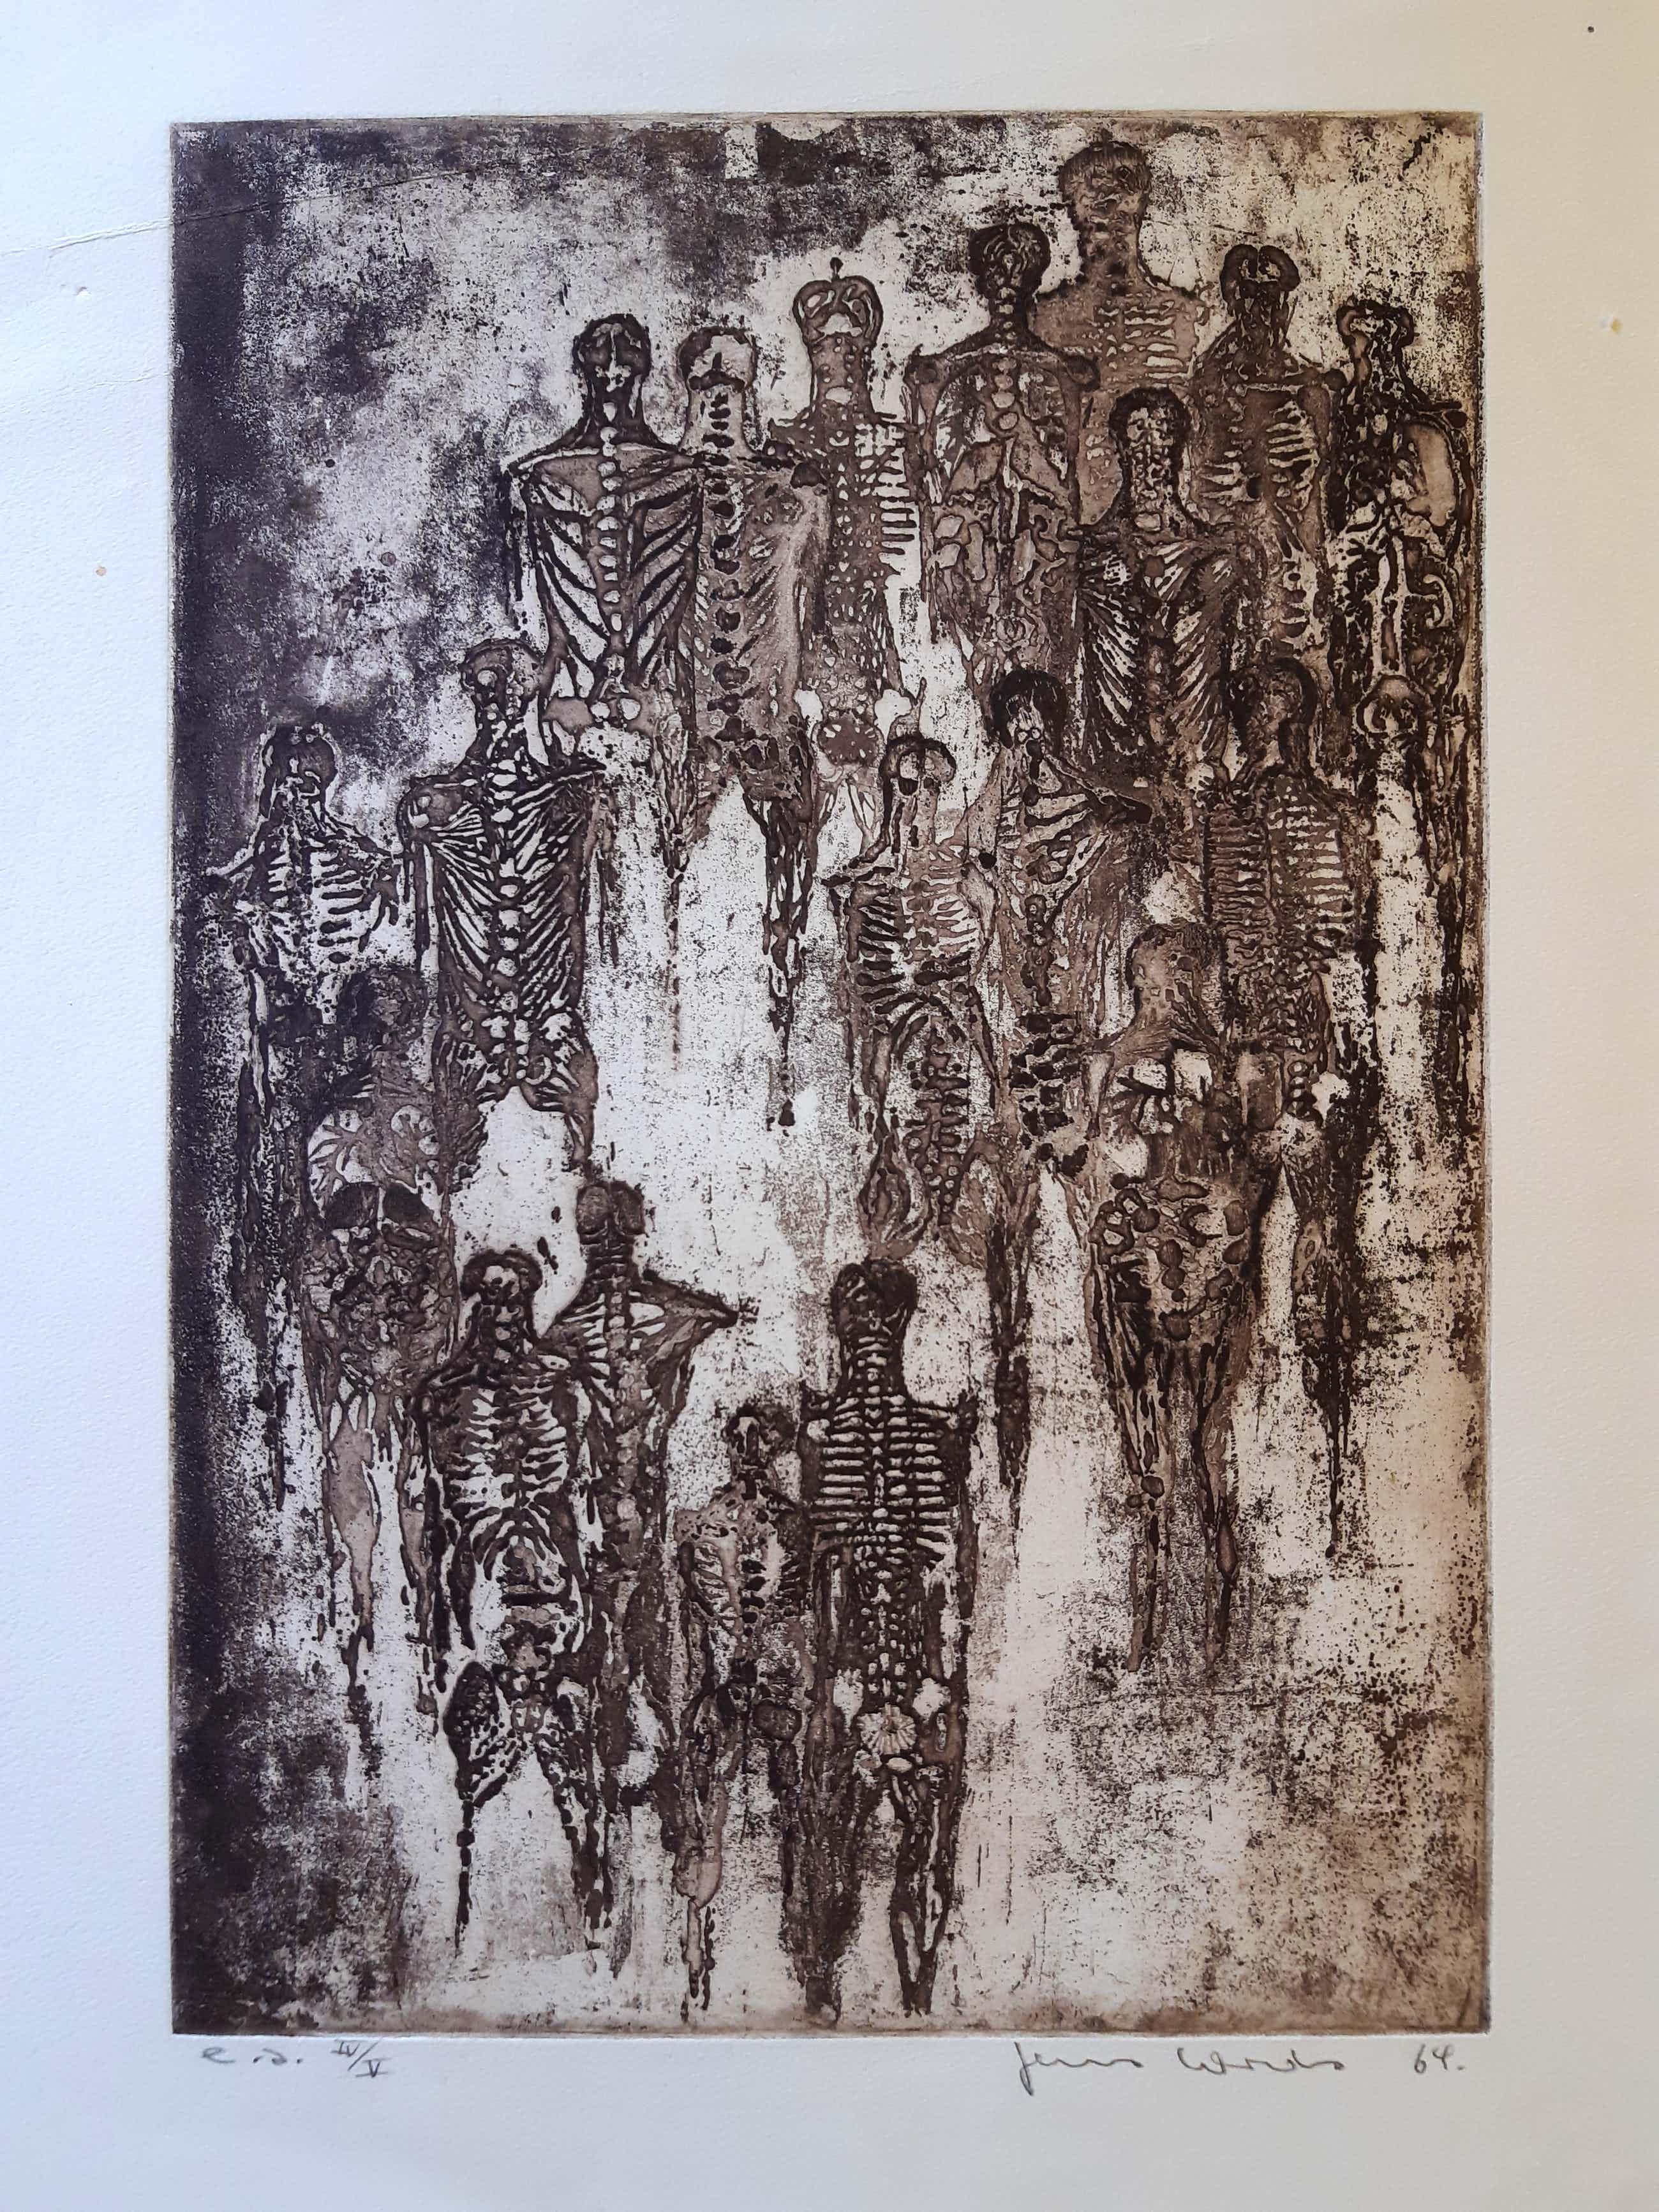 Jens Cords - 1932 - 2016 Hamburg / Rahlstedt, Kunstmaler, Drucker, Schildermaler kopen? Bied vanaf 120!